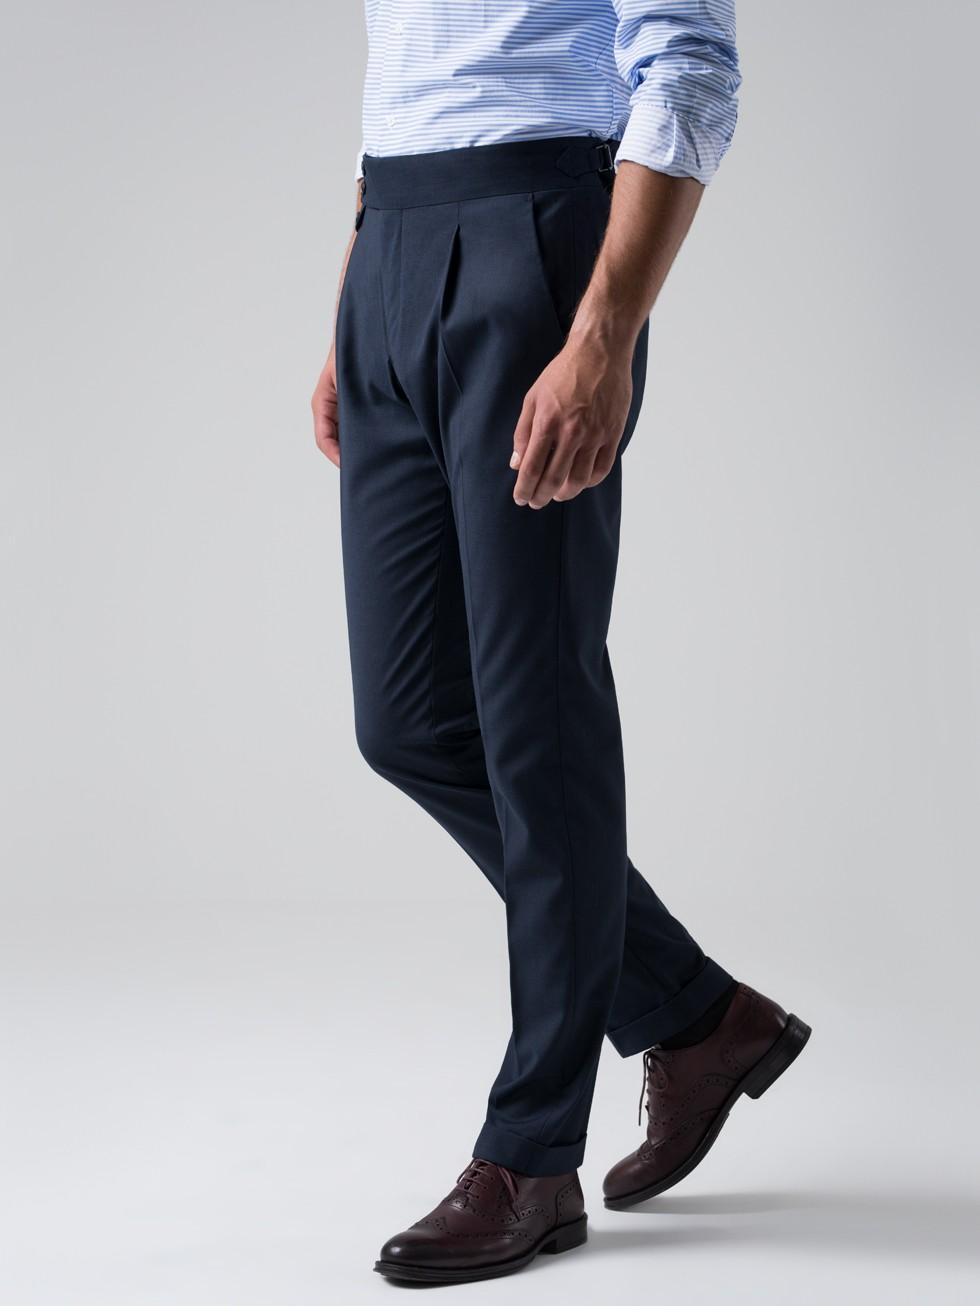 Pantalón tailored pata de gallo marino